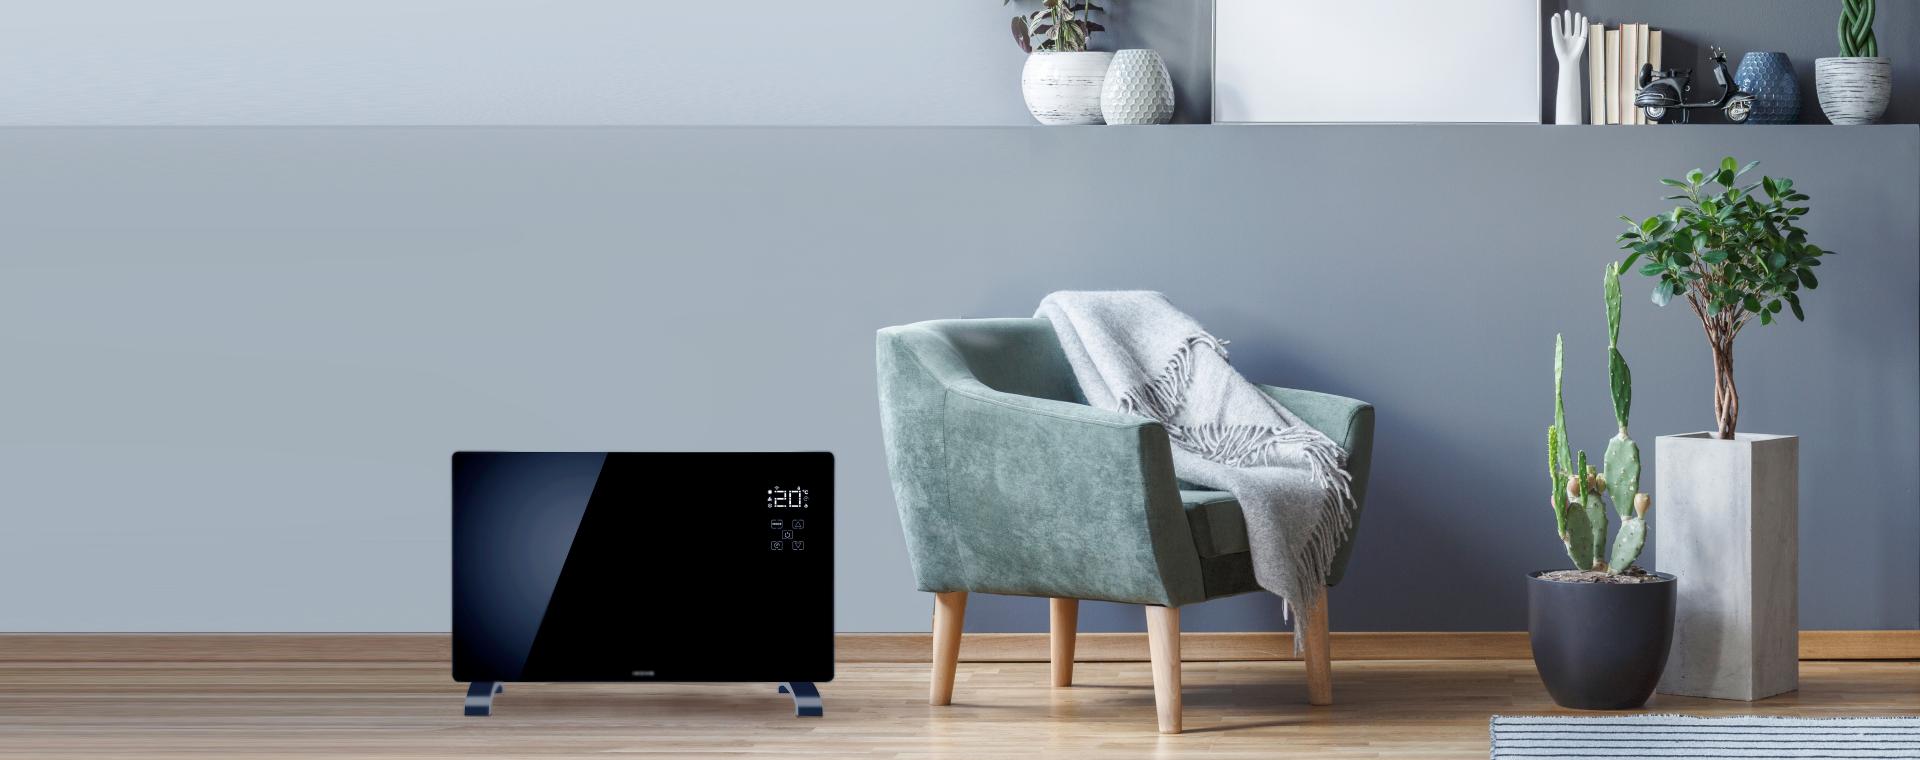 Riscaldare Camera Da Letto il riscaldamento ideale per la tua casa | ikohs - ikohs